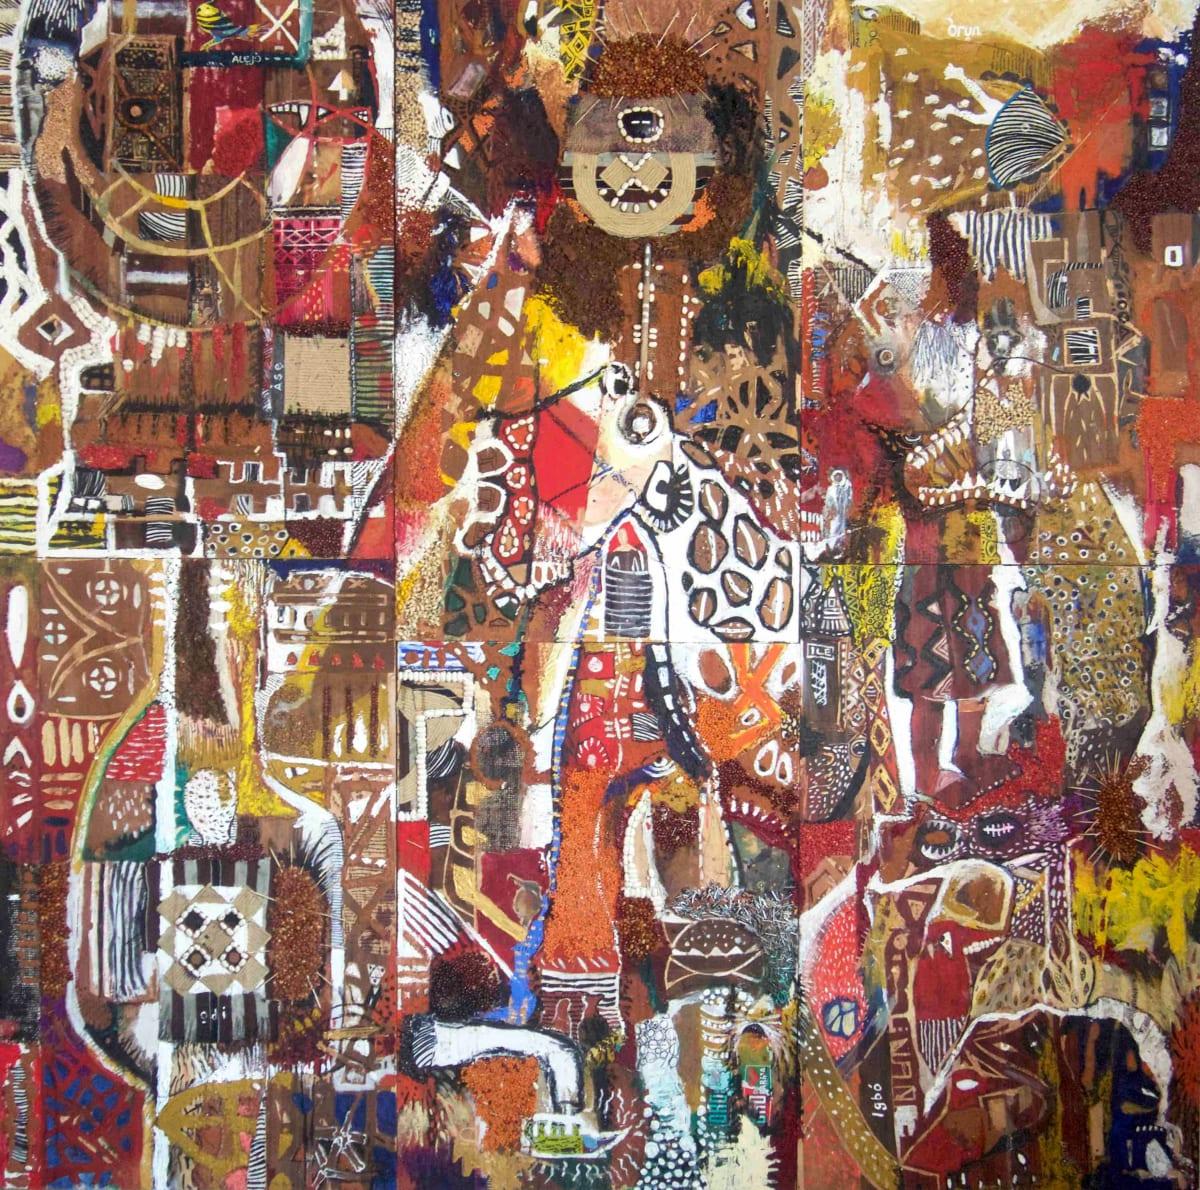 The triumphant entry by olayanju dada